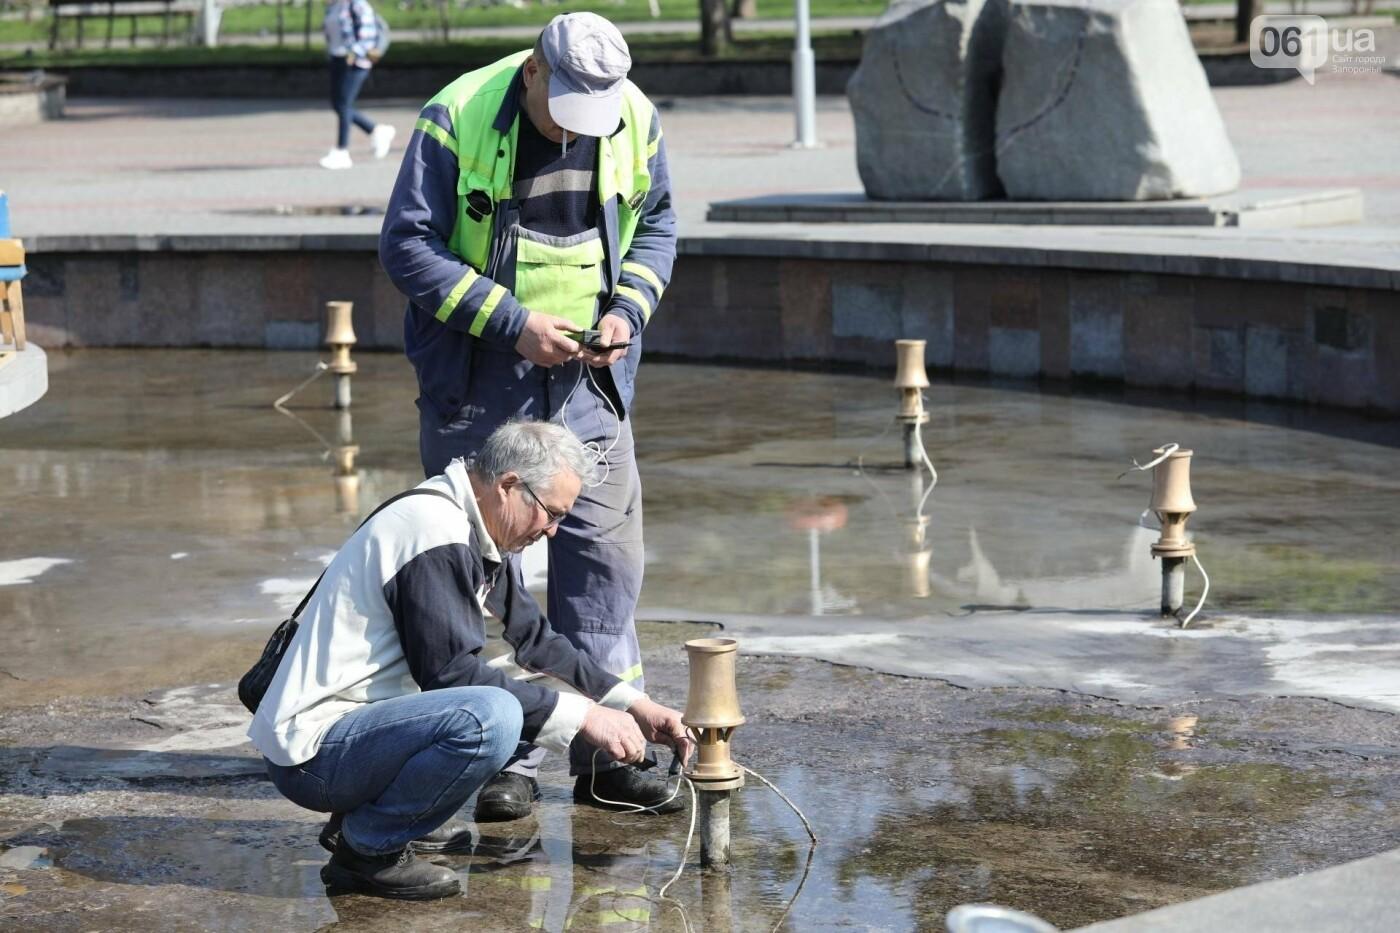 В Запорожье заменили подсветку фонтана на площади Маяковского и готовят его к открытию , фото-1